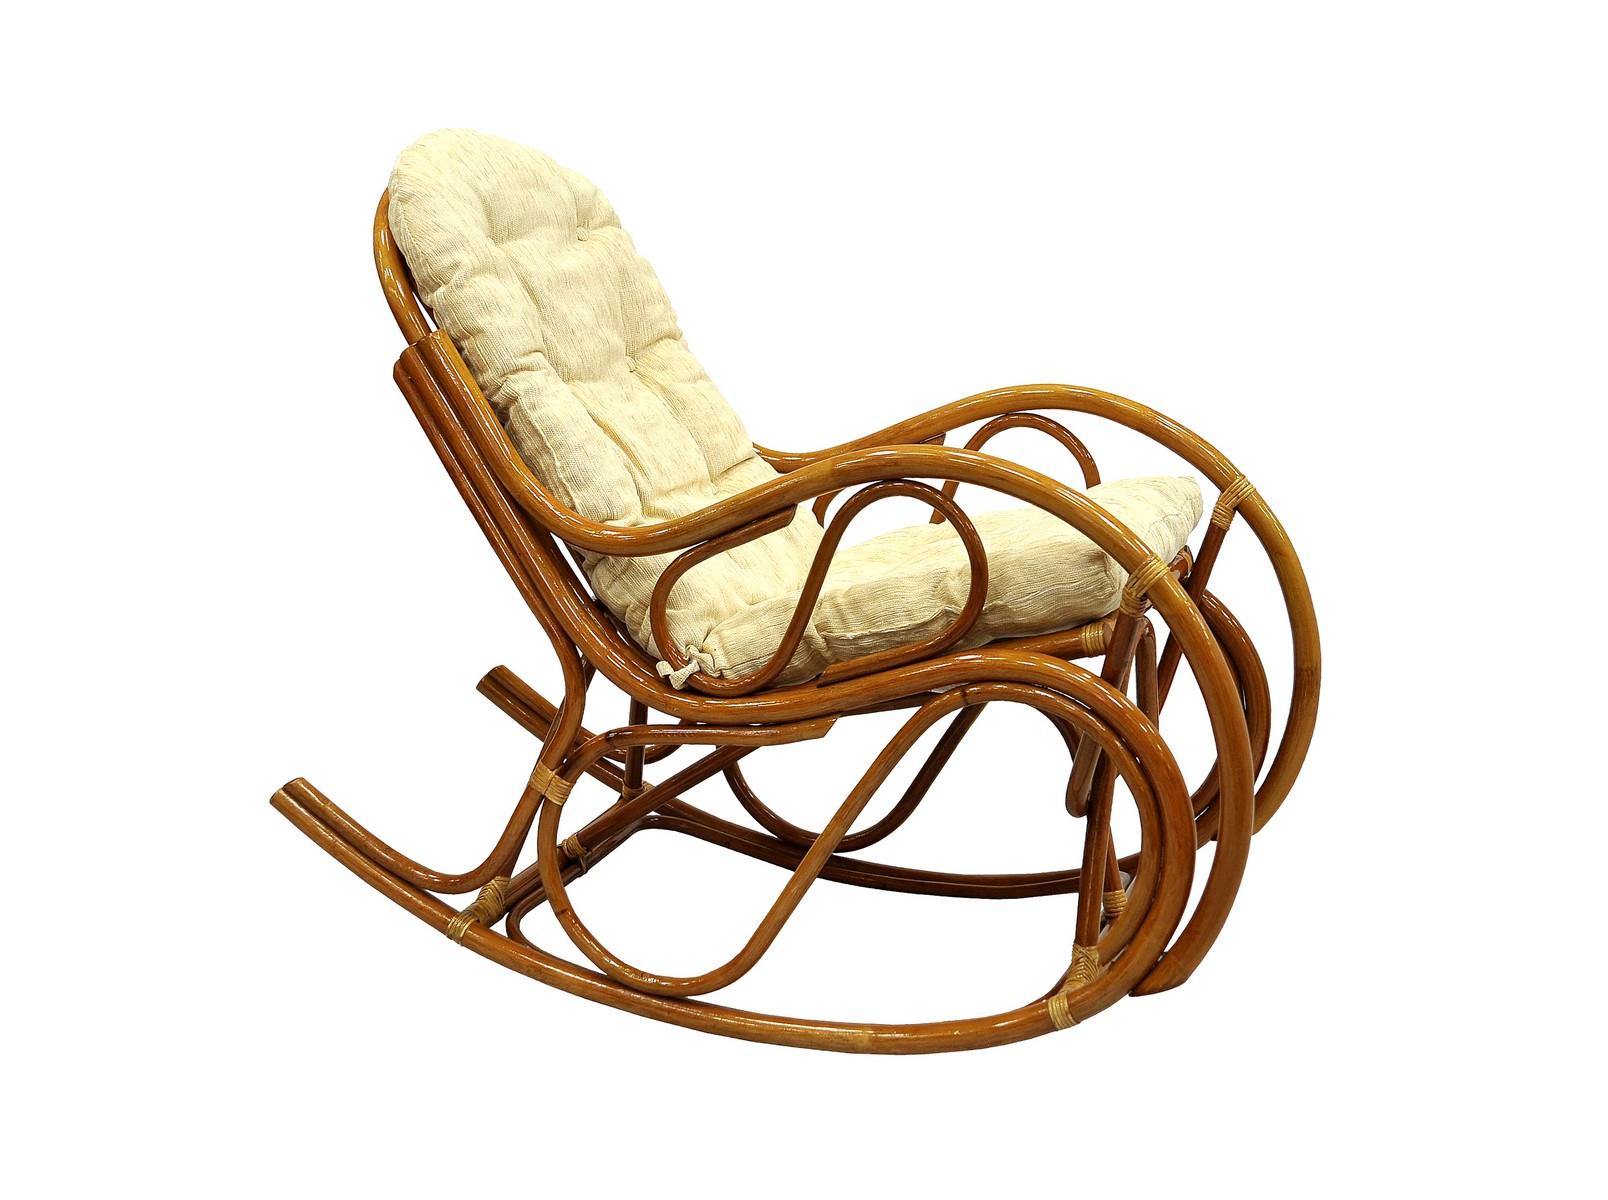 Кресло-качалкаКресла-качалки<br>Классическое кресло-качалка из ротанга подарит Вам минуты спокойствия и блаженства.&amp;amp;nbsp;&amp;lt;div&amp;gt;&amp;lt;br&amp;gt;&amp;lt;/div&amp;gt;&amp;lt;div&amp;gt;Материал каркаса: натуральный ротанг&amp;lt;/div&amp;gt;&amp;lt;div&amp;gt;Цвет: коньячный&amp;lt;/div&amp;gt;&amp;lt;div&amp;gt;Материал подушки: шенилл&amp;lt;/div&amp;gt;&amp;lt;div&amp;gt;Вес, кг:  16&amp;lt;/div&amp;gt;&amp;lt;div&amp;gt;Выдерживаемая нагрузка, кг:  120&amp;lt;/div&amp;gt;<br><br>Material: Ротанг<br>Width см: 56<br>Depth см: 117<br>Height см: 93